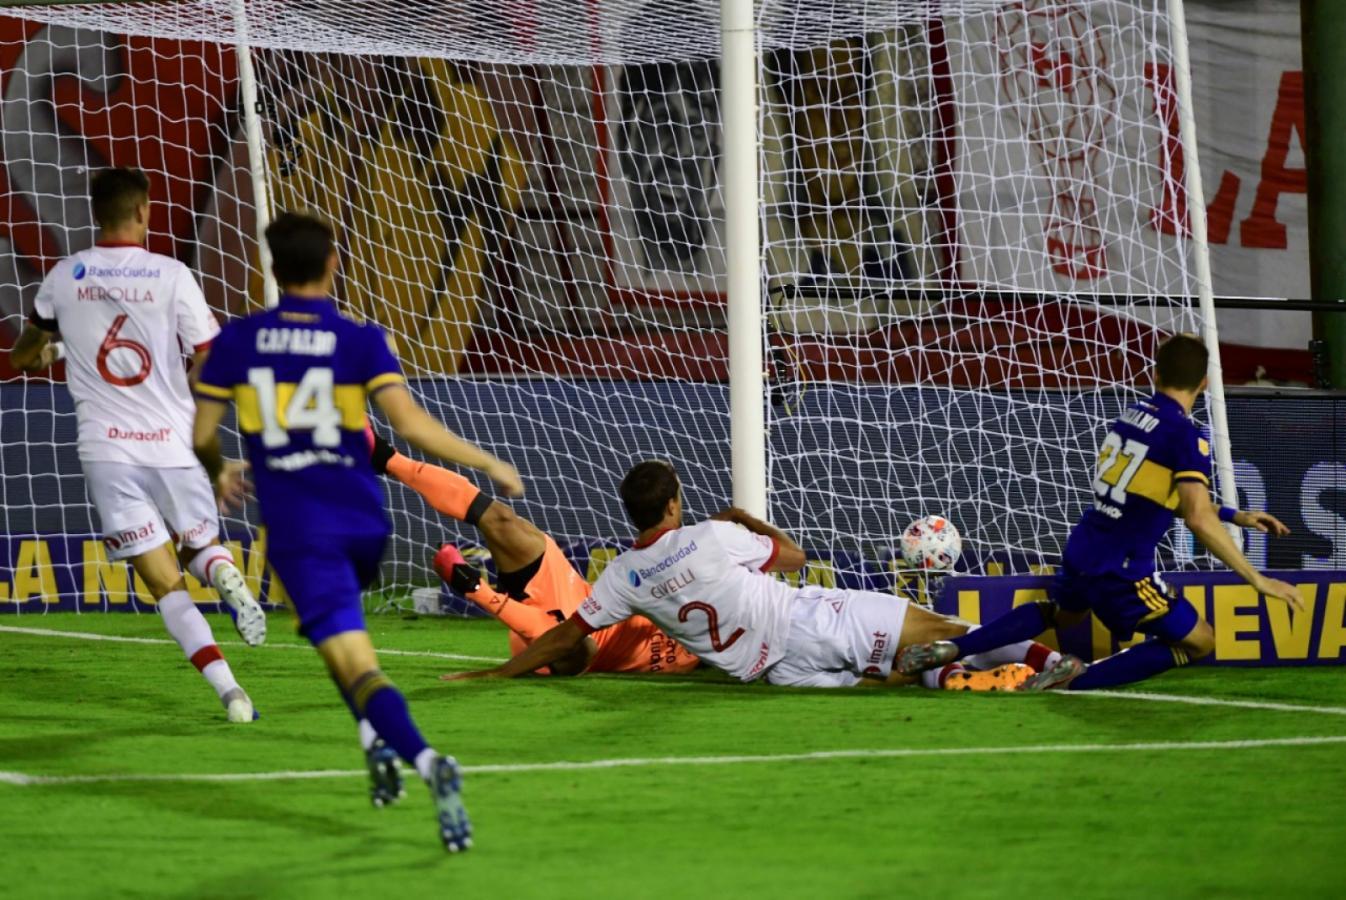 Soldano pescó un rebote en el área rival y abrió la cuenta. Gol de centrodelantero para el 1-0 parcial de Boca. Foto: Maximiliano Luna (Telam)